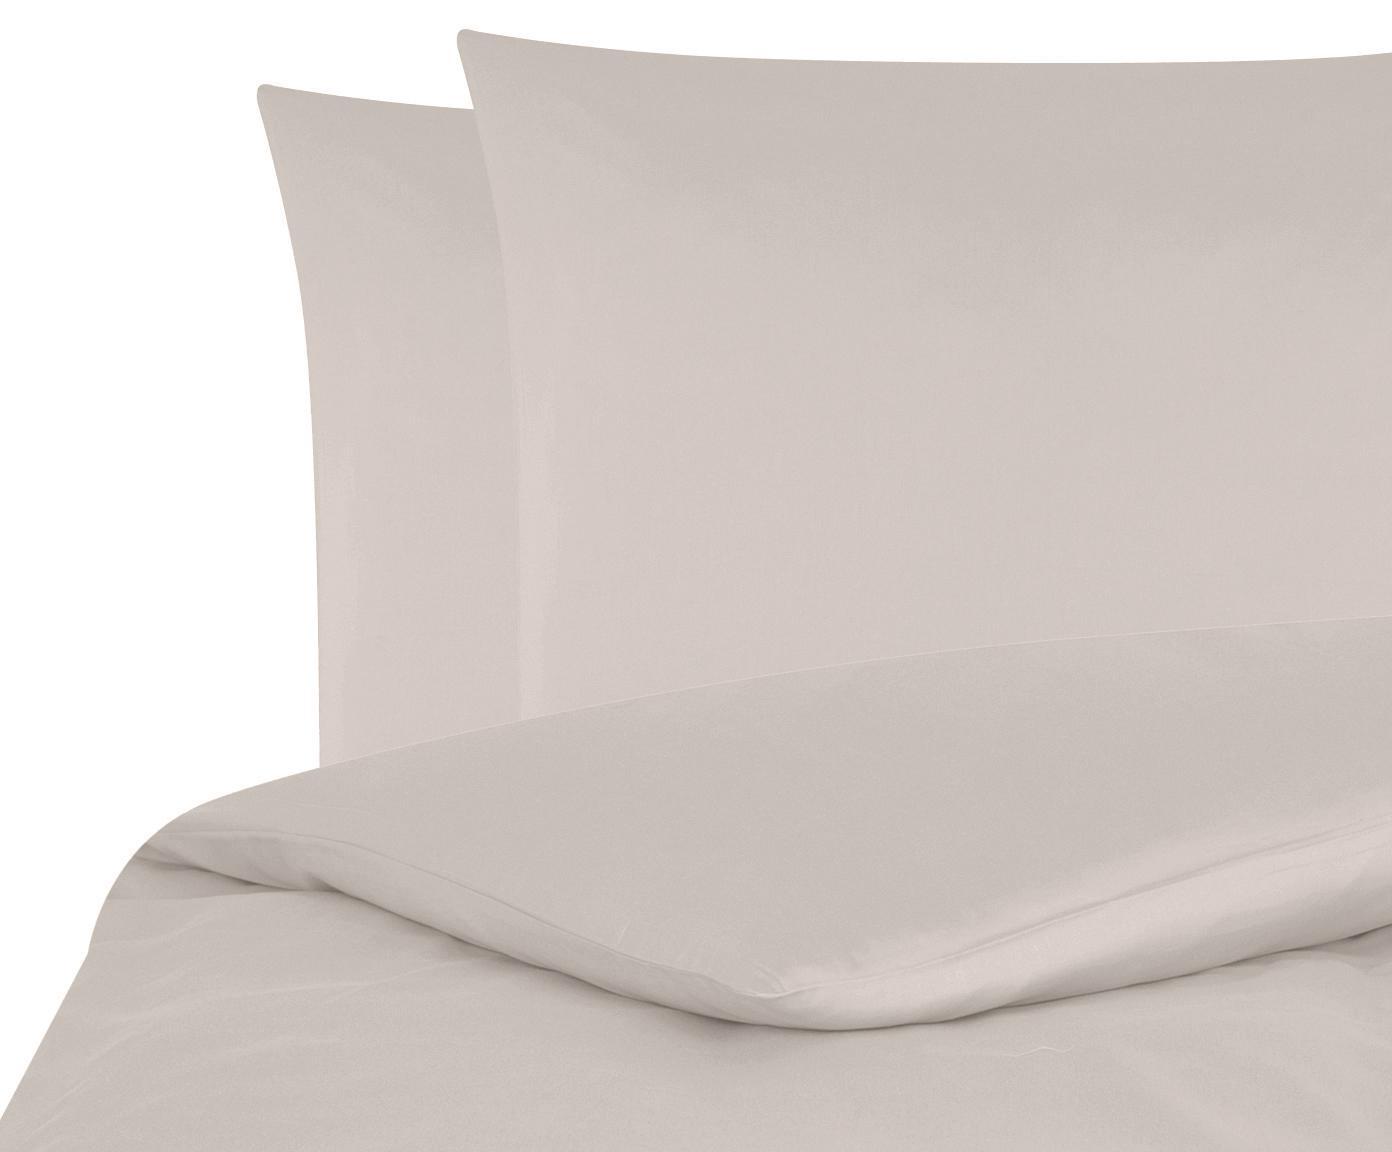 Baumwollsatin-Bettwäsche Comfort in Taupe, Webart: Satin Fadendichte 250 TC,, Taupe, 200 x 200 cm + 2 Kissen 80 x 80 cm